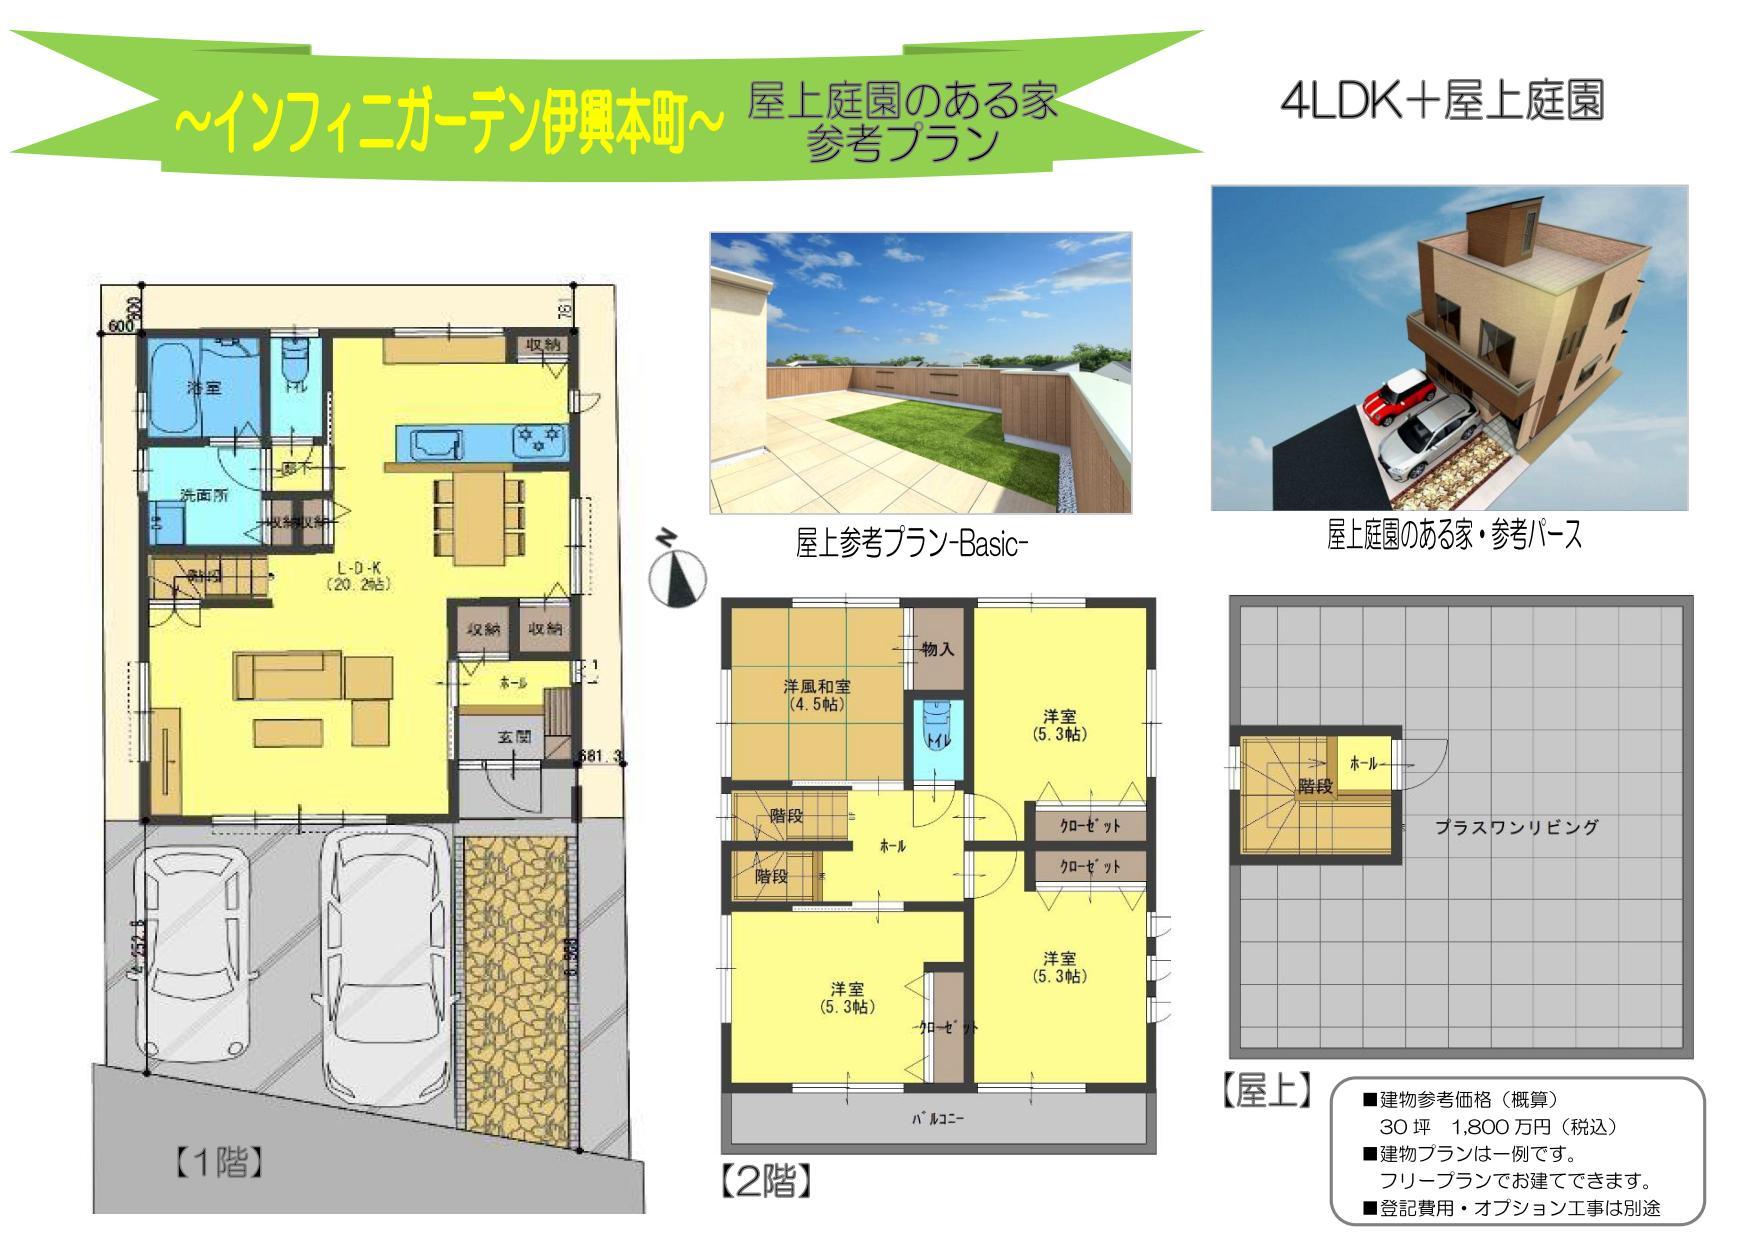 【屋上庭園のある家・参考プラン】4LDK+屋上庭園(外観)